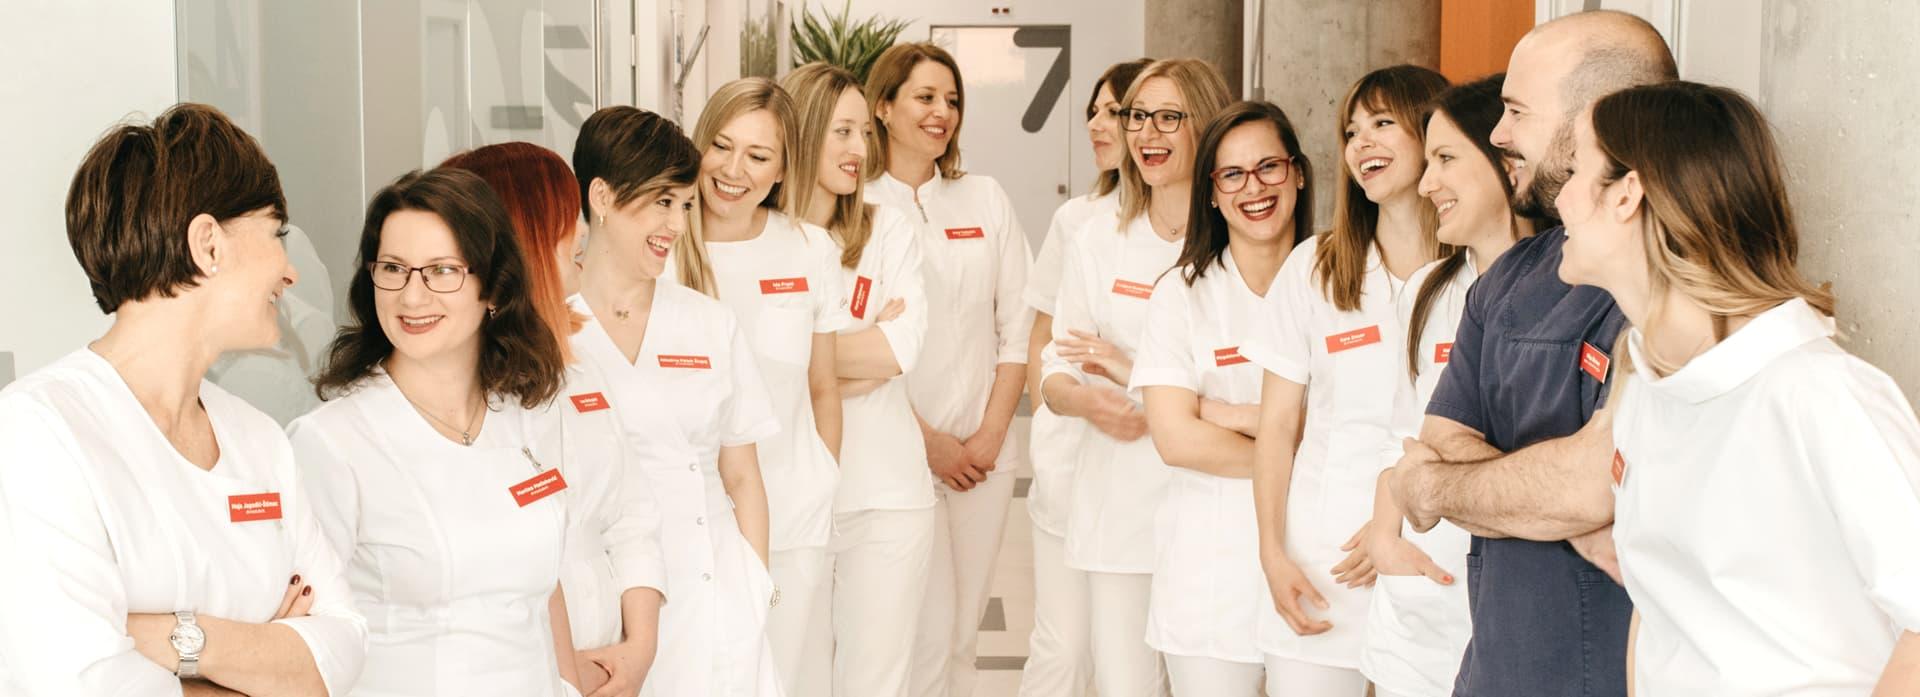 Naš stručni tim | Štimac Centar dentalne medicine